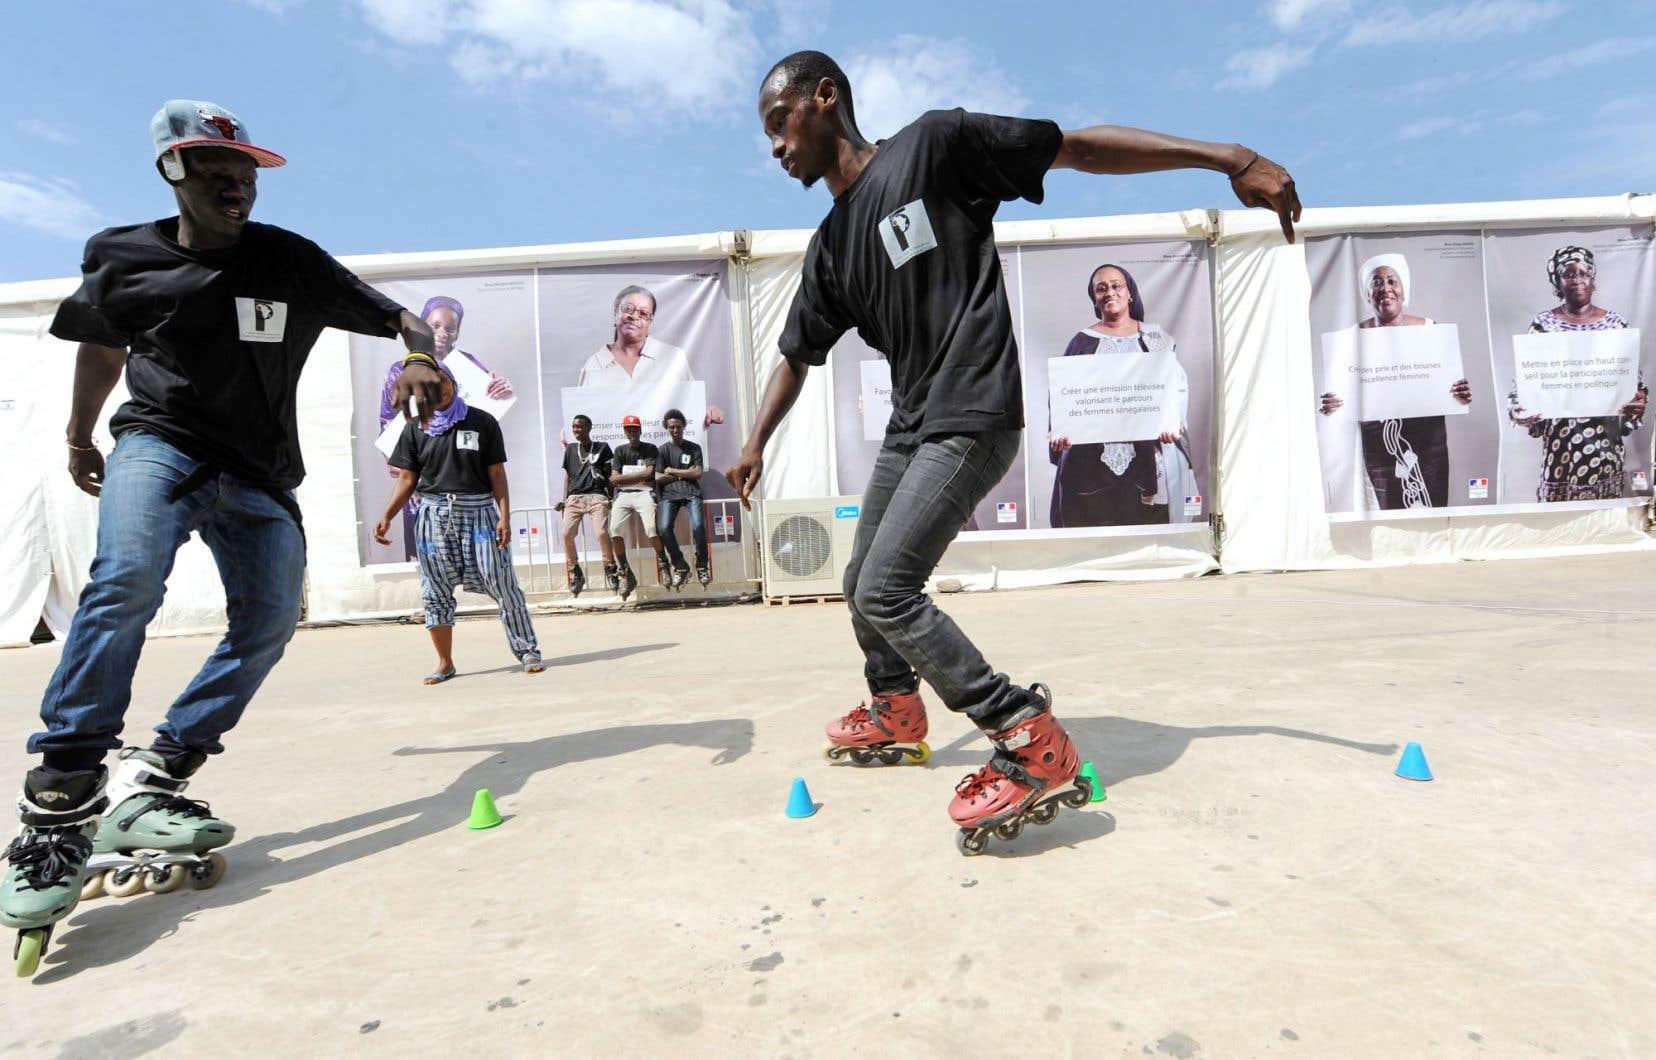 En Afrique, 60 % des chômeurs sont des jeunes, déplore Michaëlle Jean. Ci-dessus, deux jeunes devant le Village de la Francophonie lors du Sommet de Dakar, en 2014.